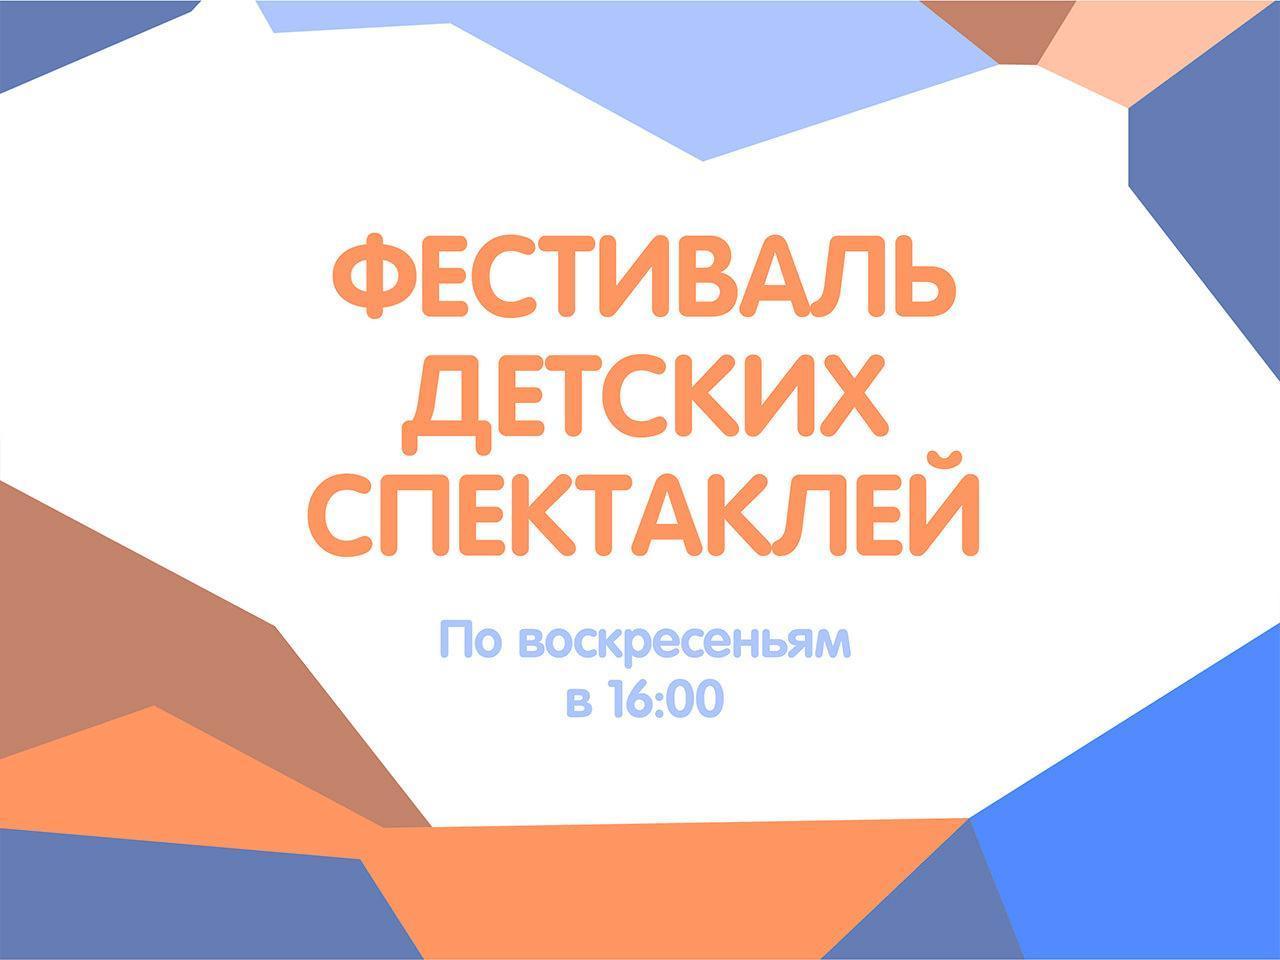 Фестиваль детских спектаклей